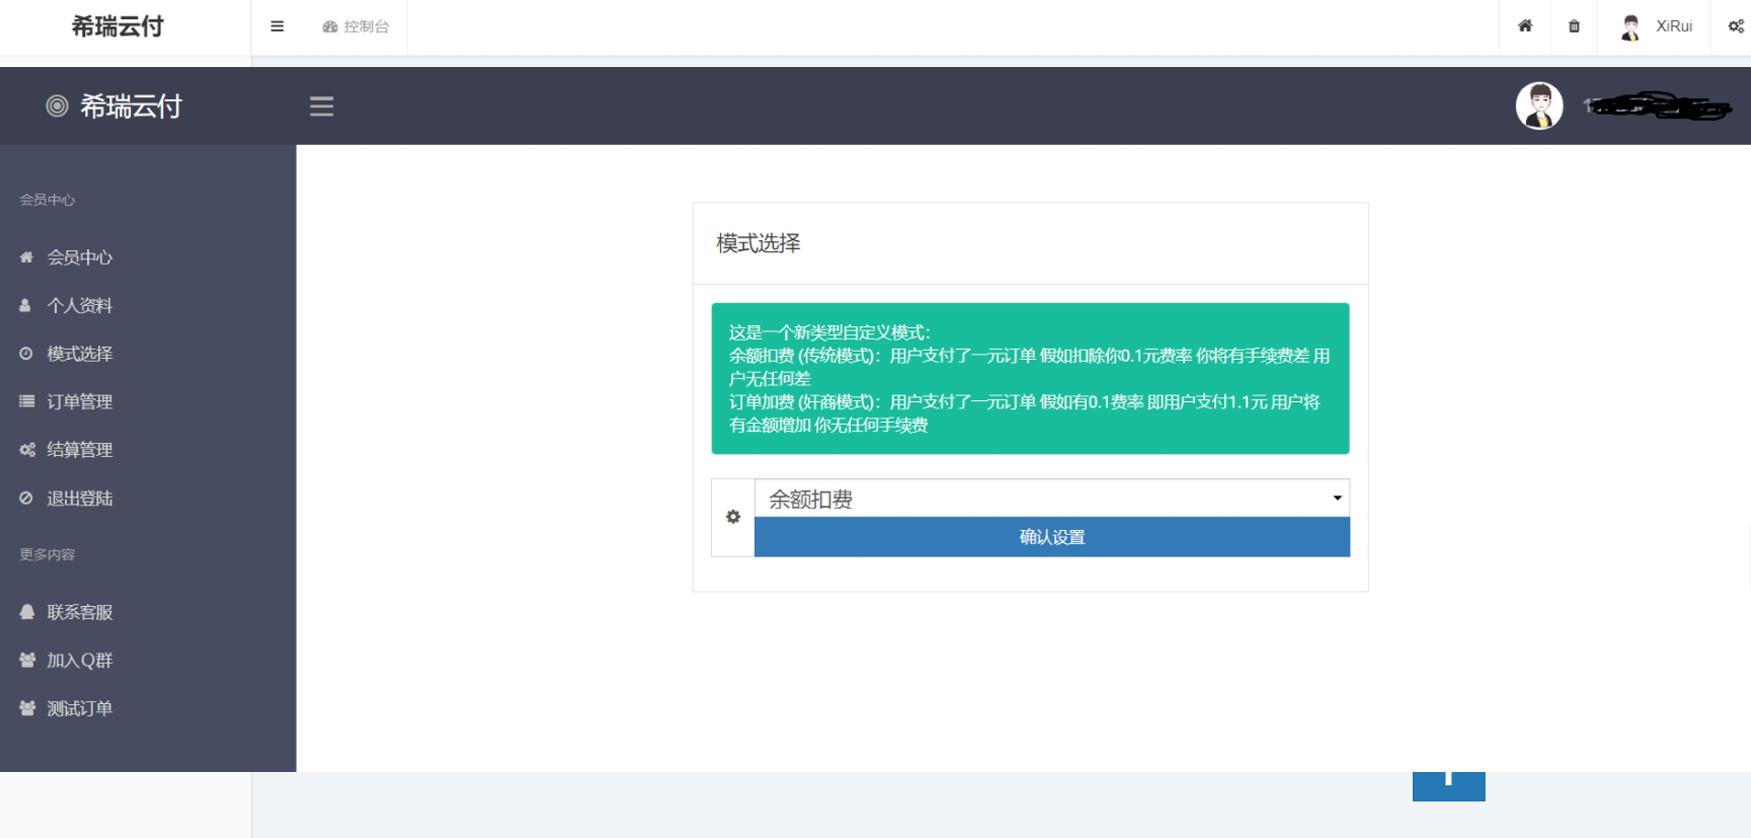 ThnkPHP5开发版ABC云支付同款易支付系统源码-找主题源码